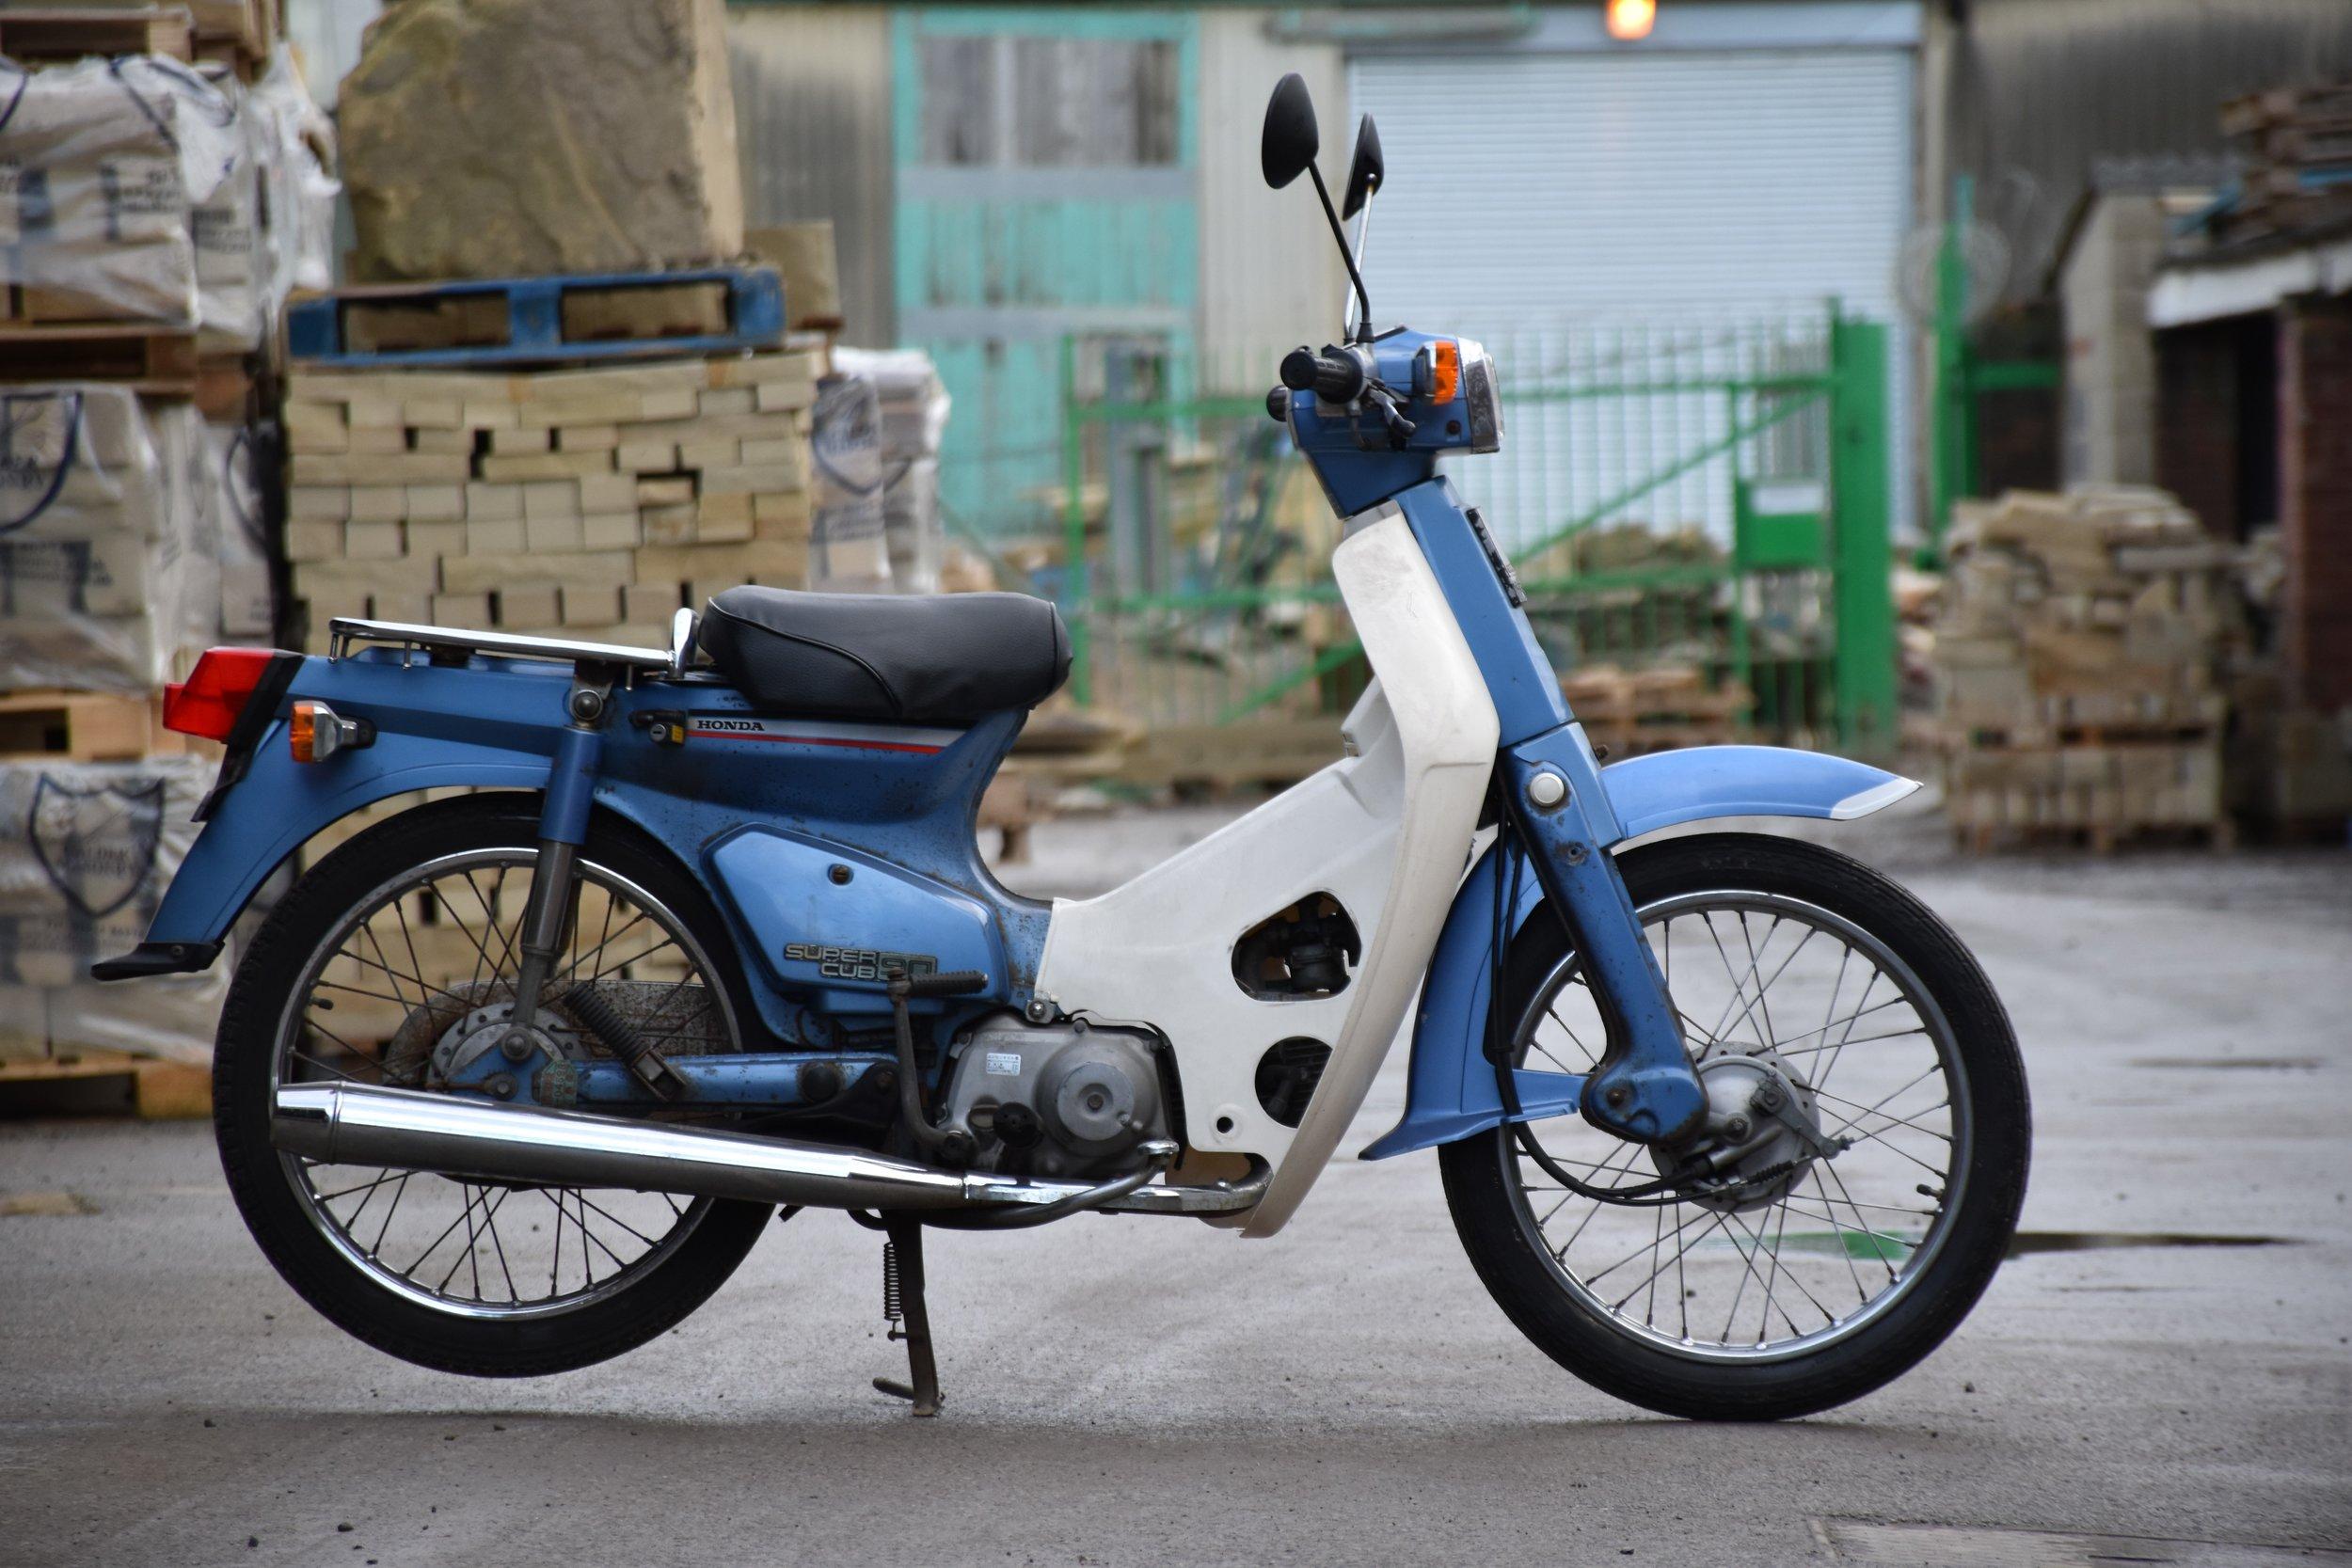 1982 Honda C90 Ref: 0934 £1350